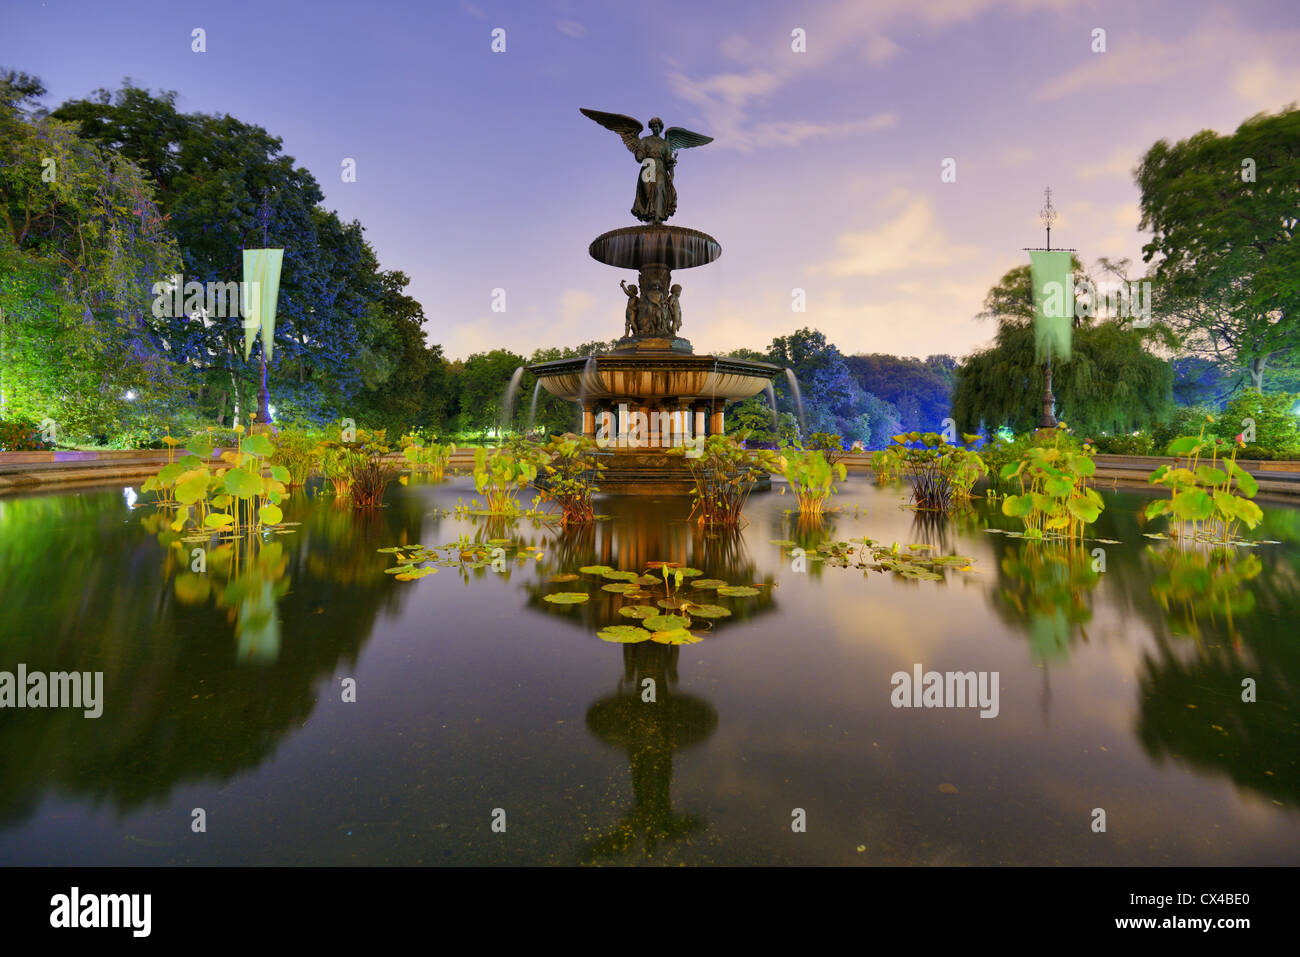 Ángeles de la fuente de agua en Bethesda Terrace, en el Central Park de Nueva York. Imagen De Stock